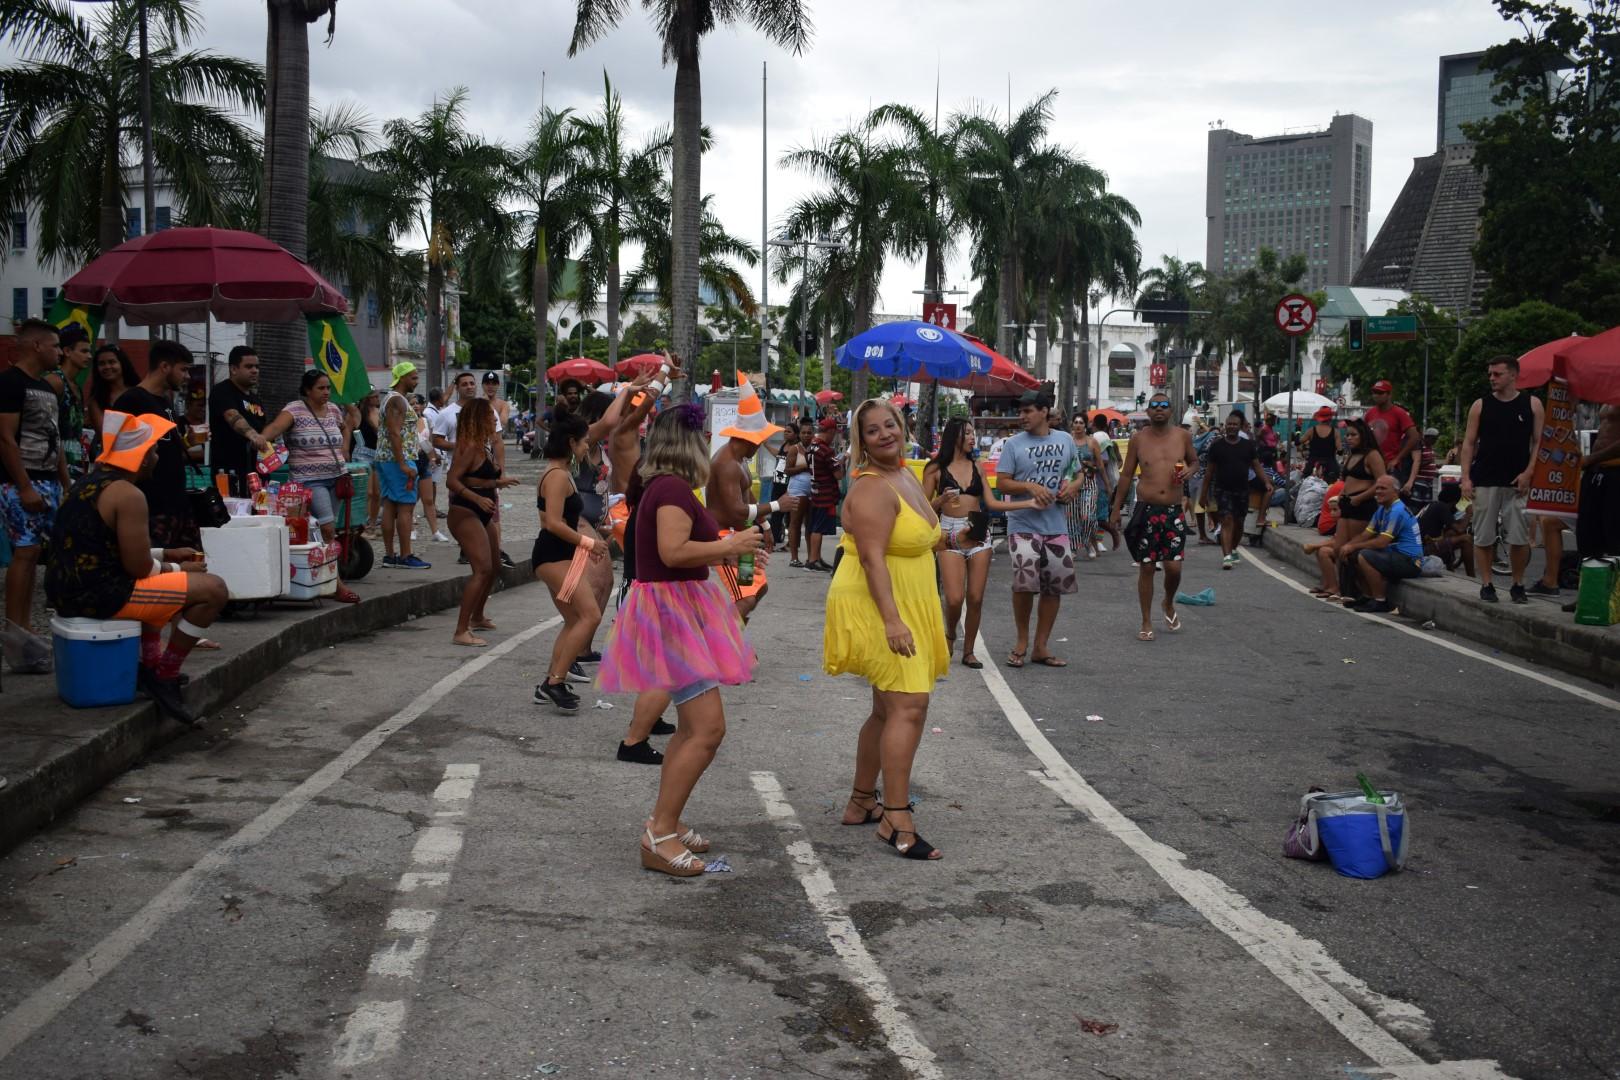 Av. República do Paraguai, Centro, Rio de Janeiro